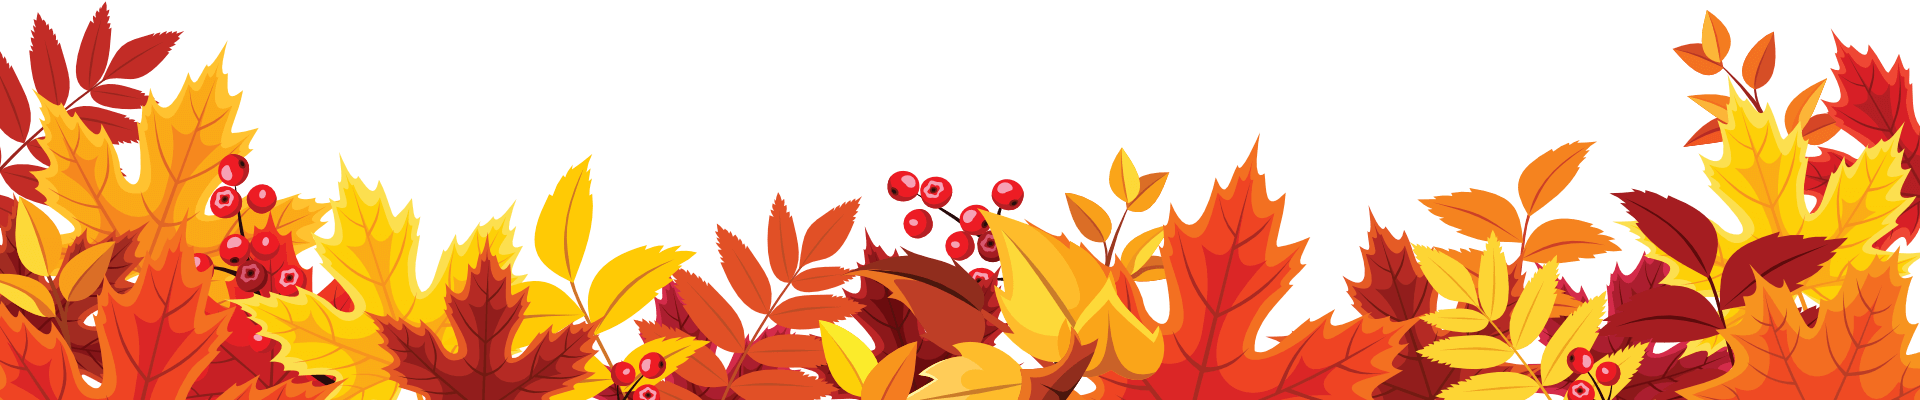 fall leaves bottom